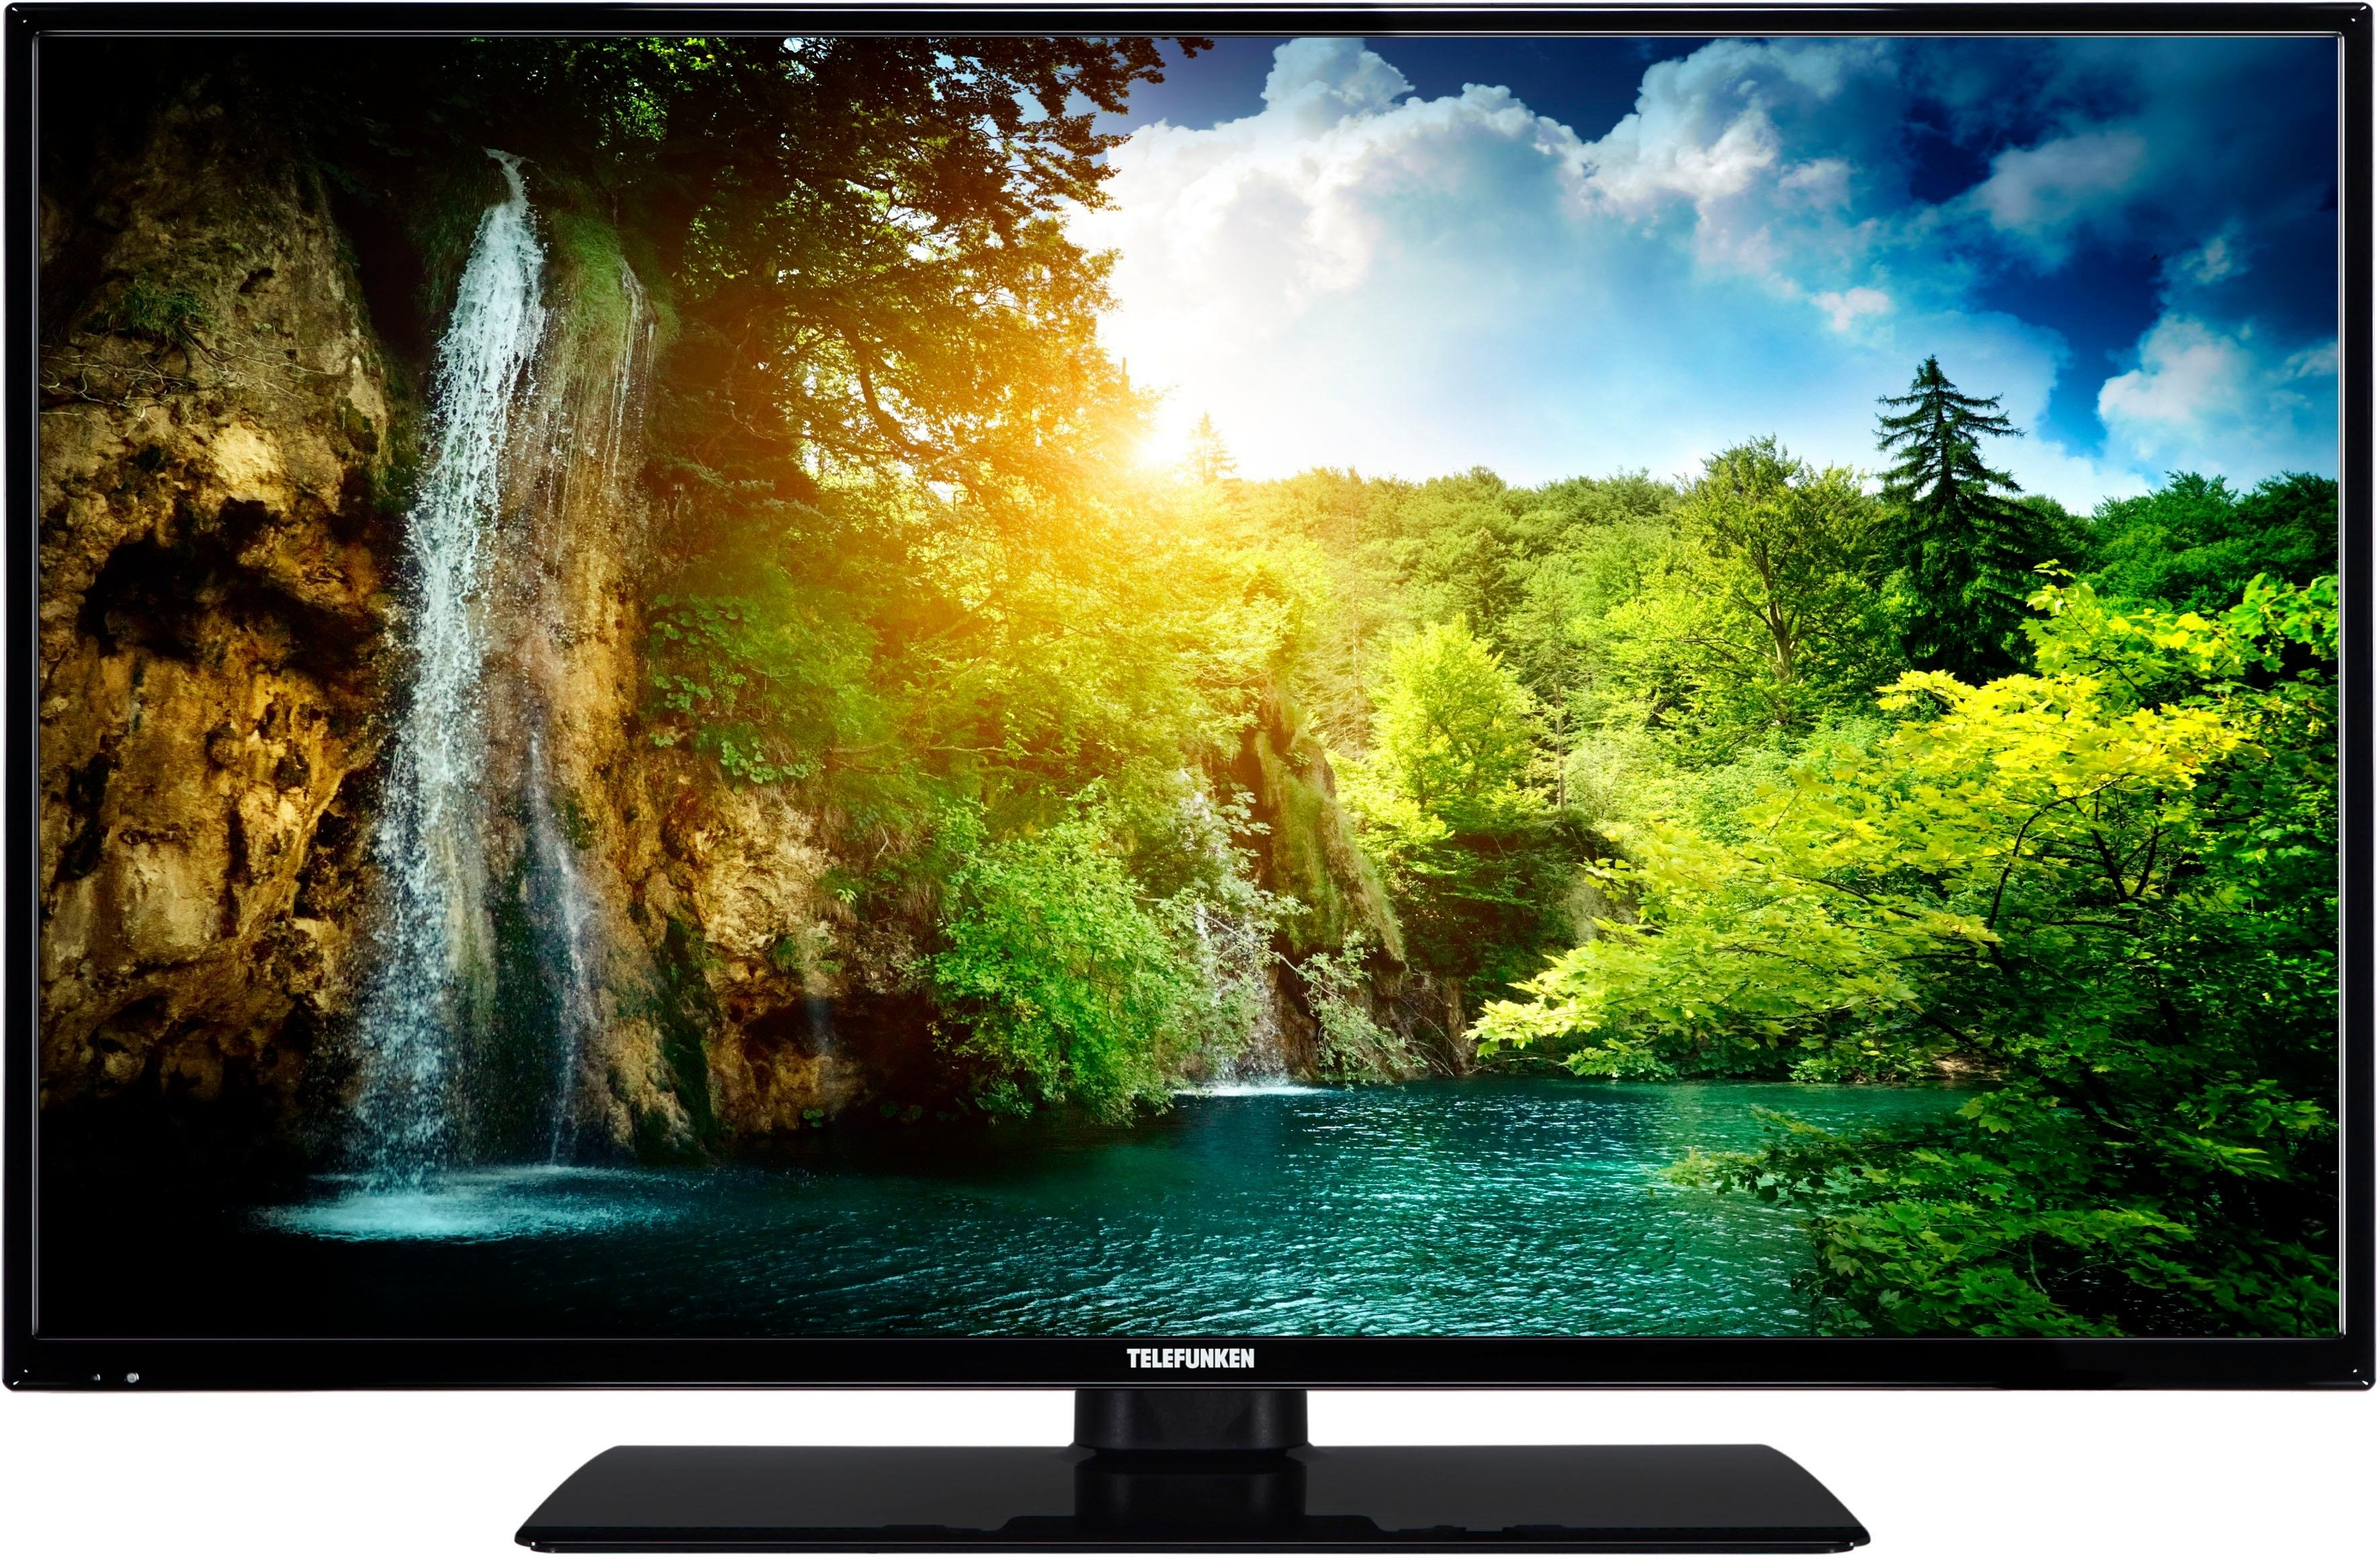 Telefunken D40F287M4CW led-tv (102 cm / (40 inch)), Full HD, smart-tv voordelig en veilig online kopen